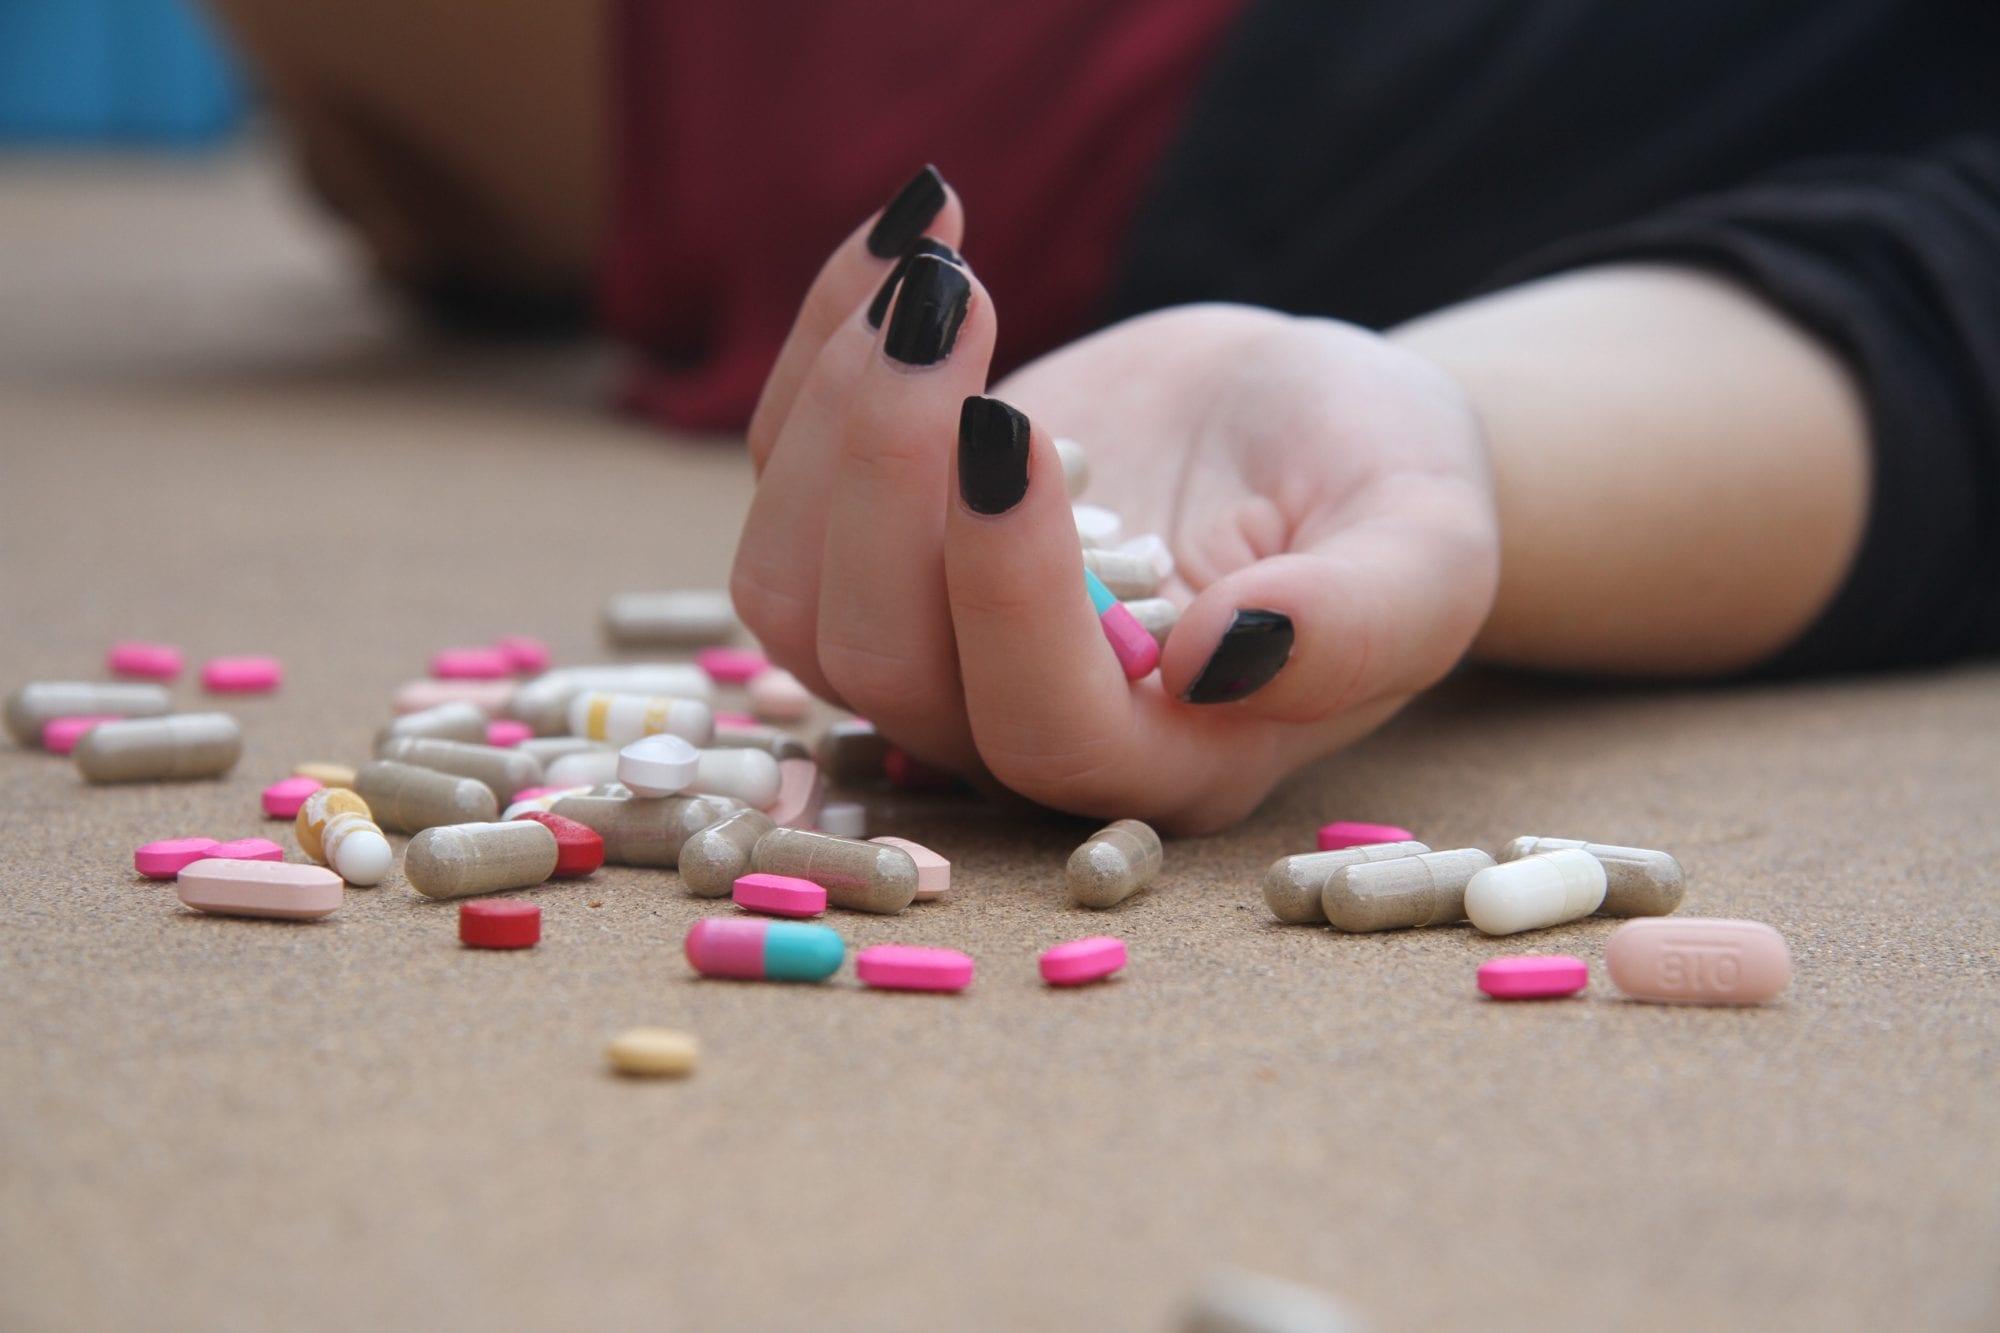 Bát nháo nghệ sĩ quảng cáo thuốc và thực phẩm chức năng, người dân phải xem lại cách chữa bệnh kiểu mạo hiểm này! - Ảnh 6.